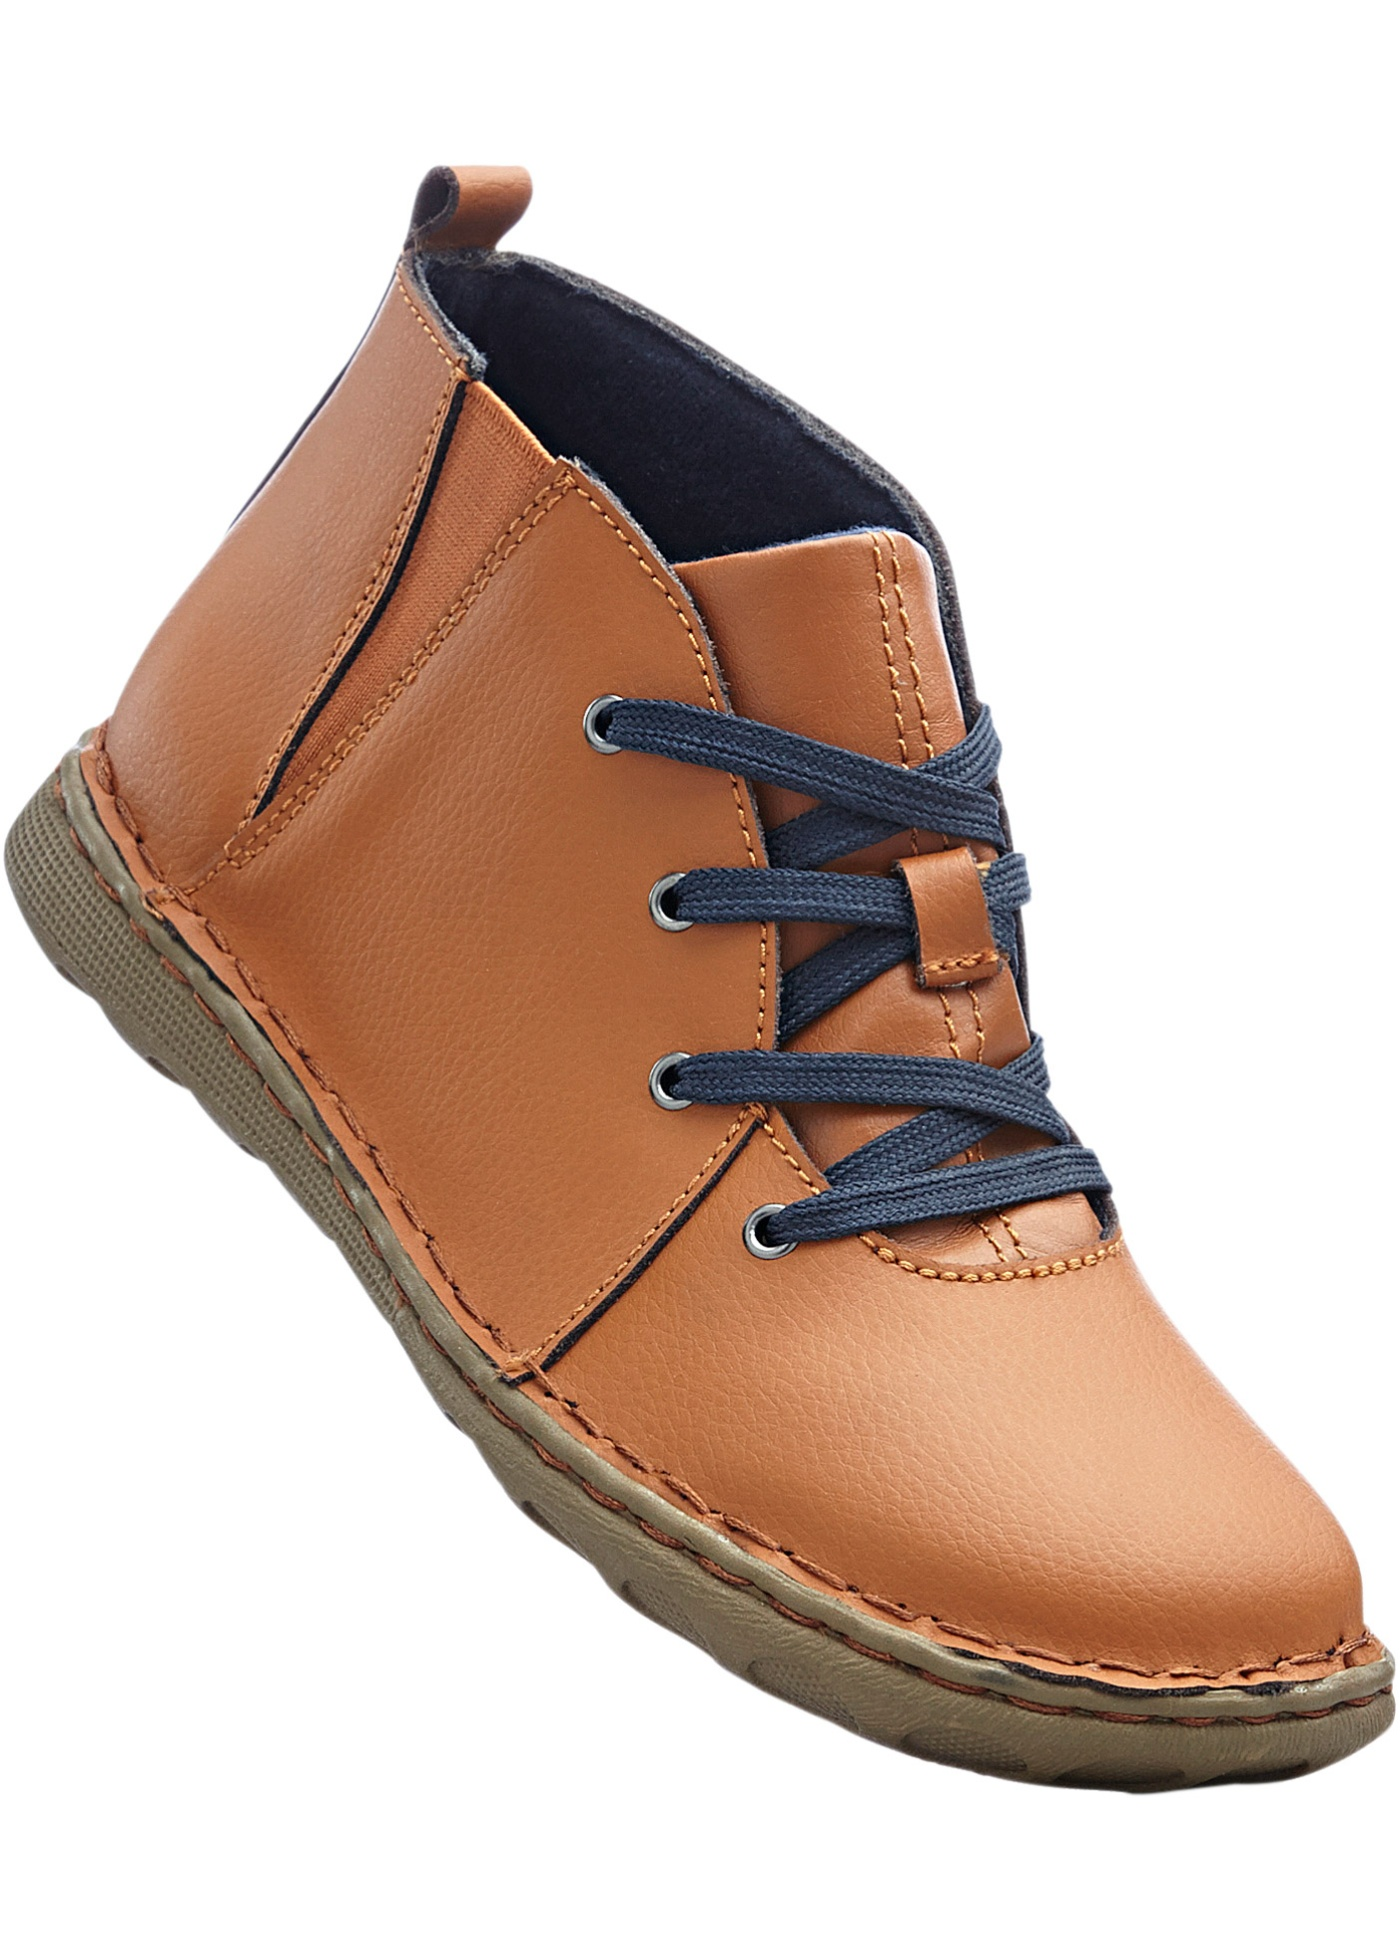 7fbbc3156 Panska kozena hneda obuv levně   Blesk zboží